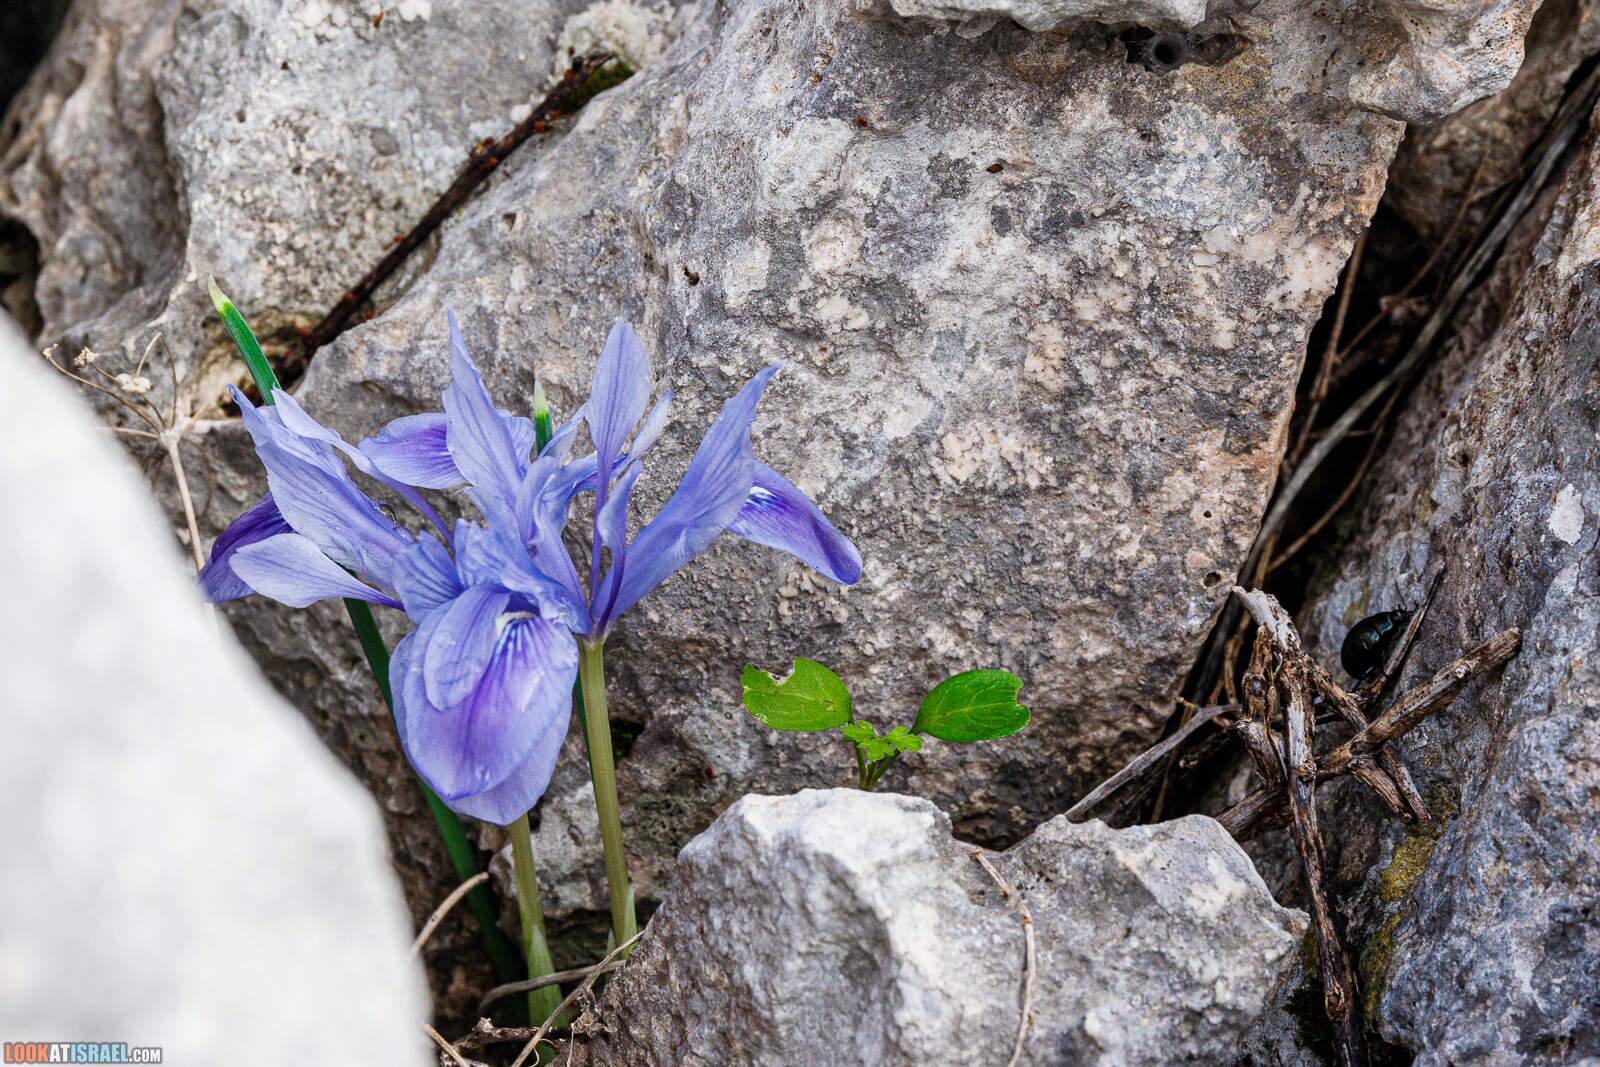 Ирис мечевидный - Iris Vartanii - אירוס הסרגל | LookAtIsrael.com - Фото путешествия по Израилю